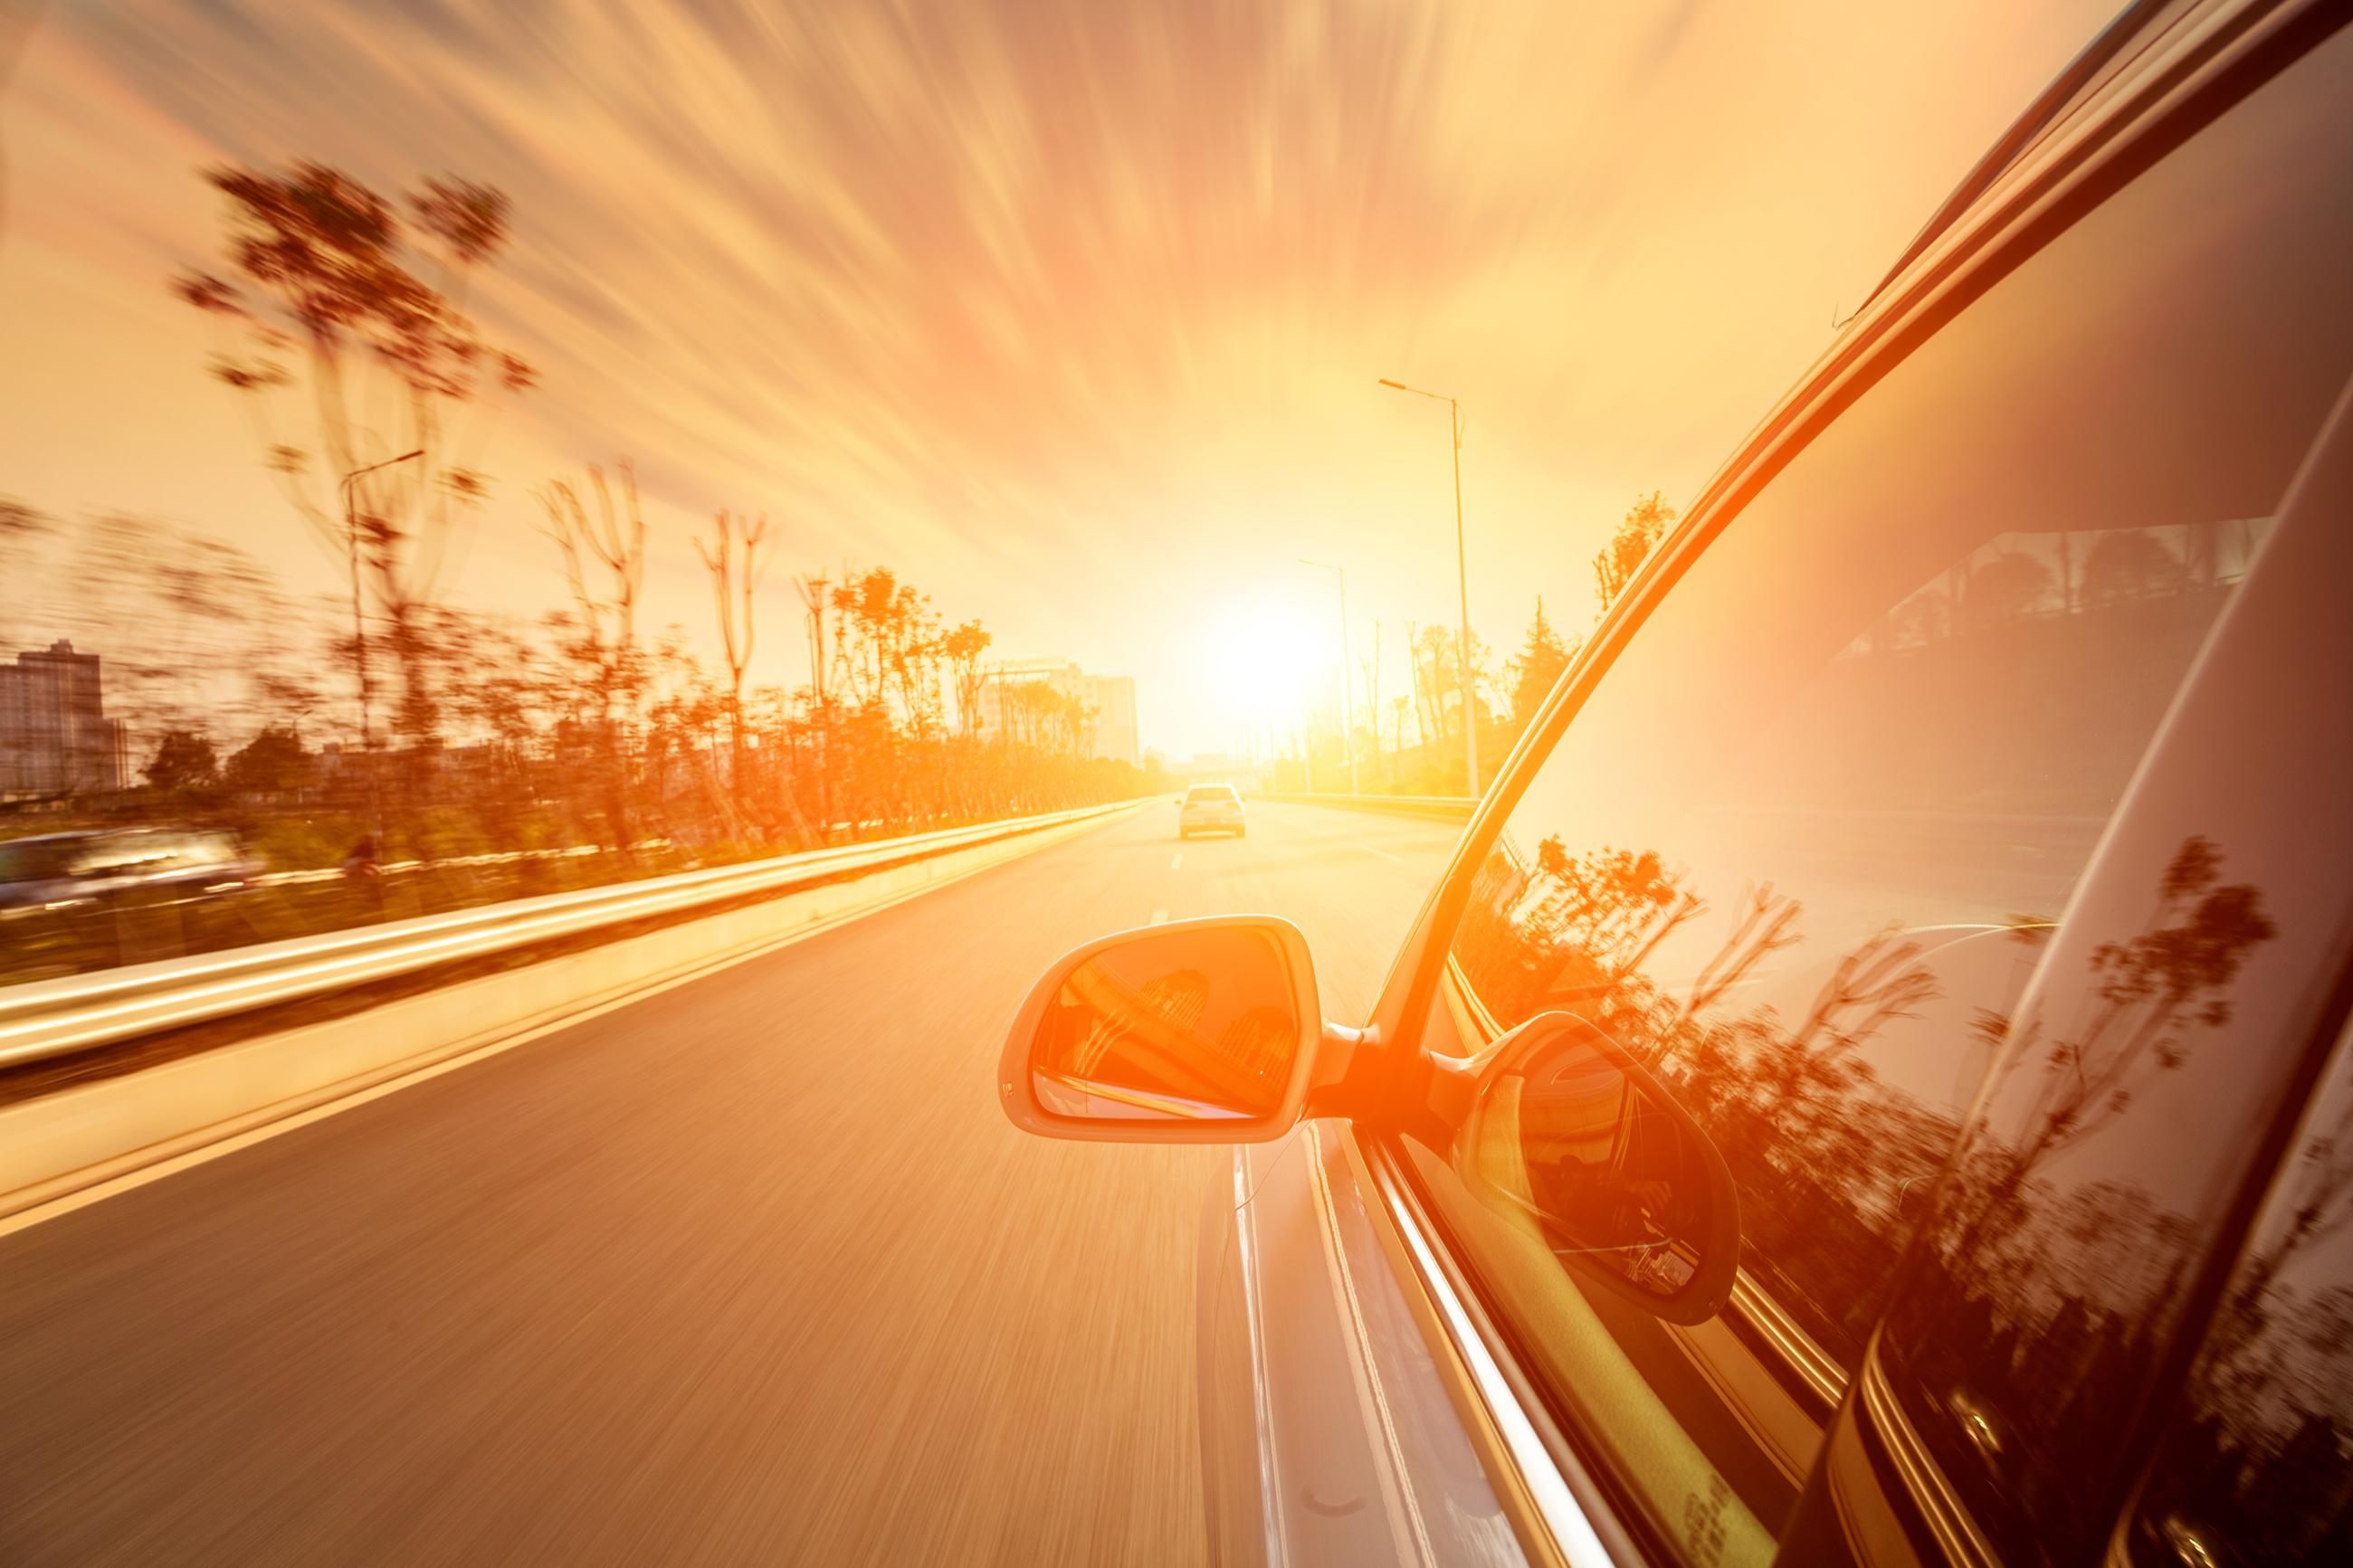 تجنب تلف إطارات سيارتك في فصل الصيف ب 4 خطوات فقط